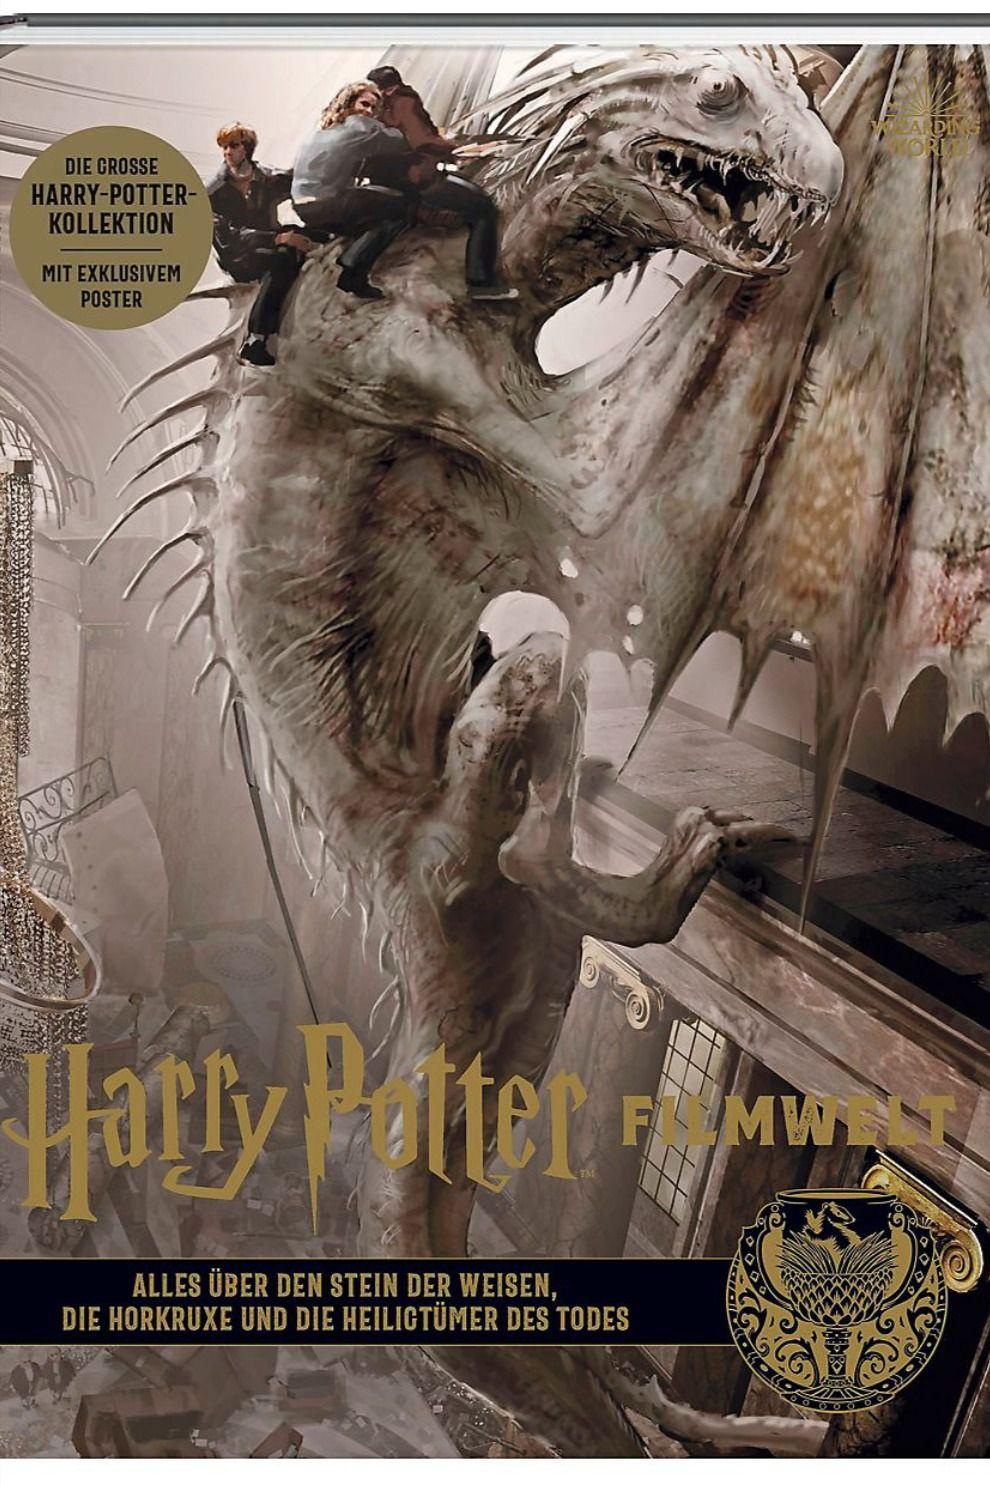 Alles Uber Den Stein Der Weisen Die Horkruxe Und Die Heiligtumer Des Todes Harry Potter Filmwelt Bd 3 Buch Harry Potter Laden Heiligtumer Des Todes Filme